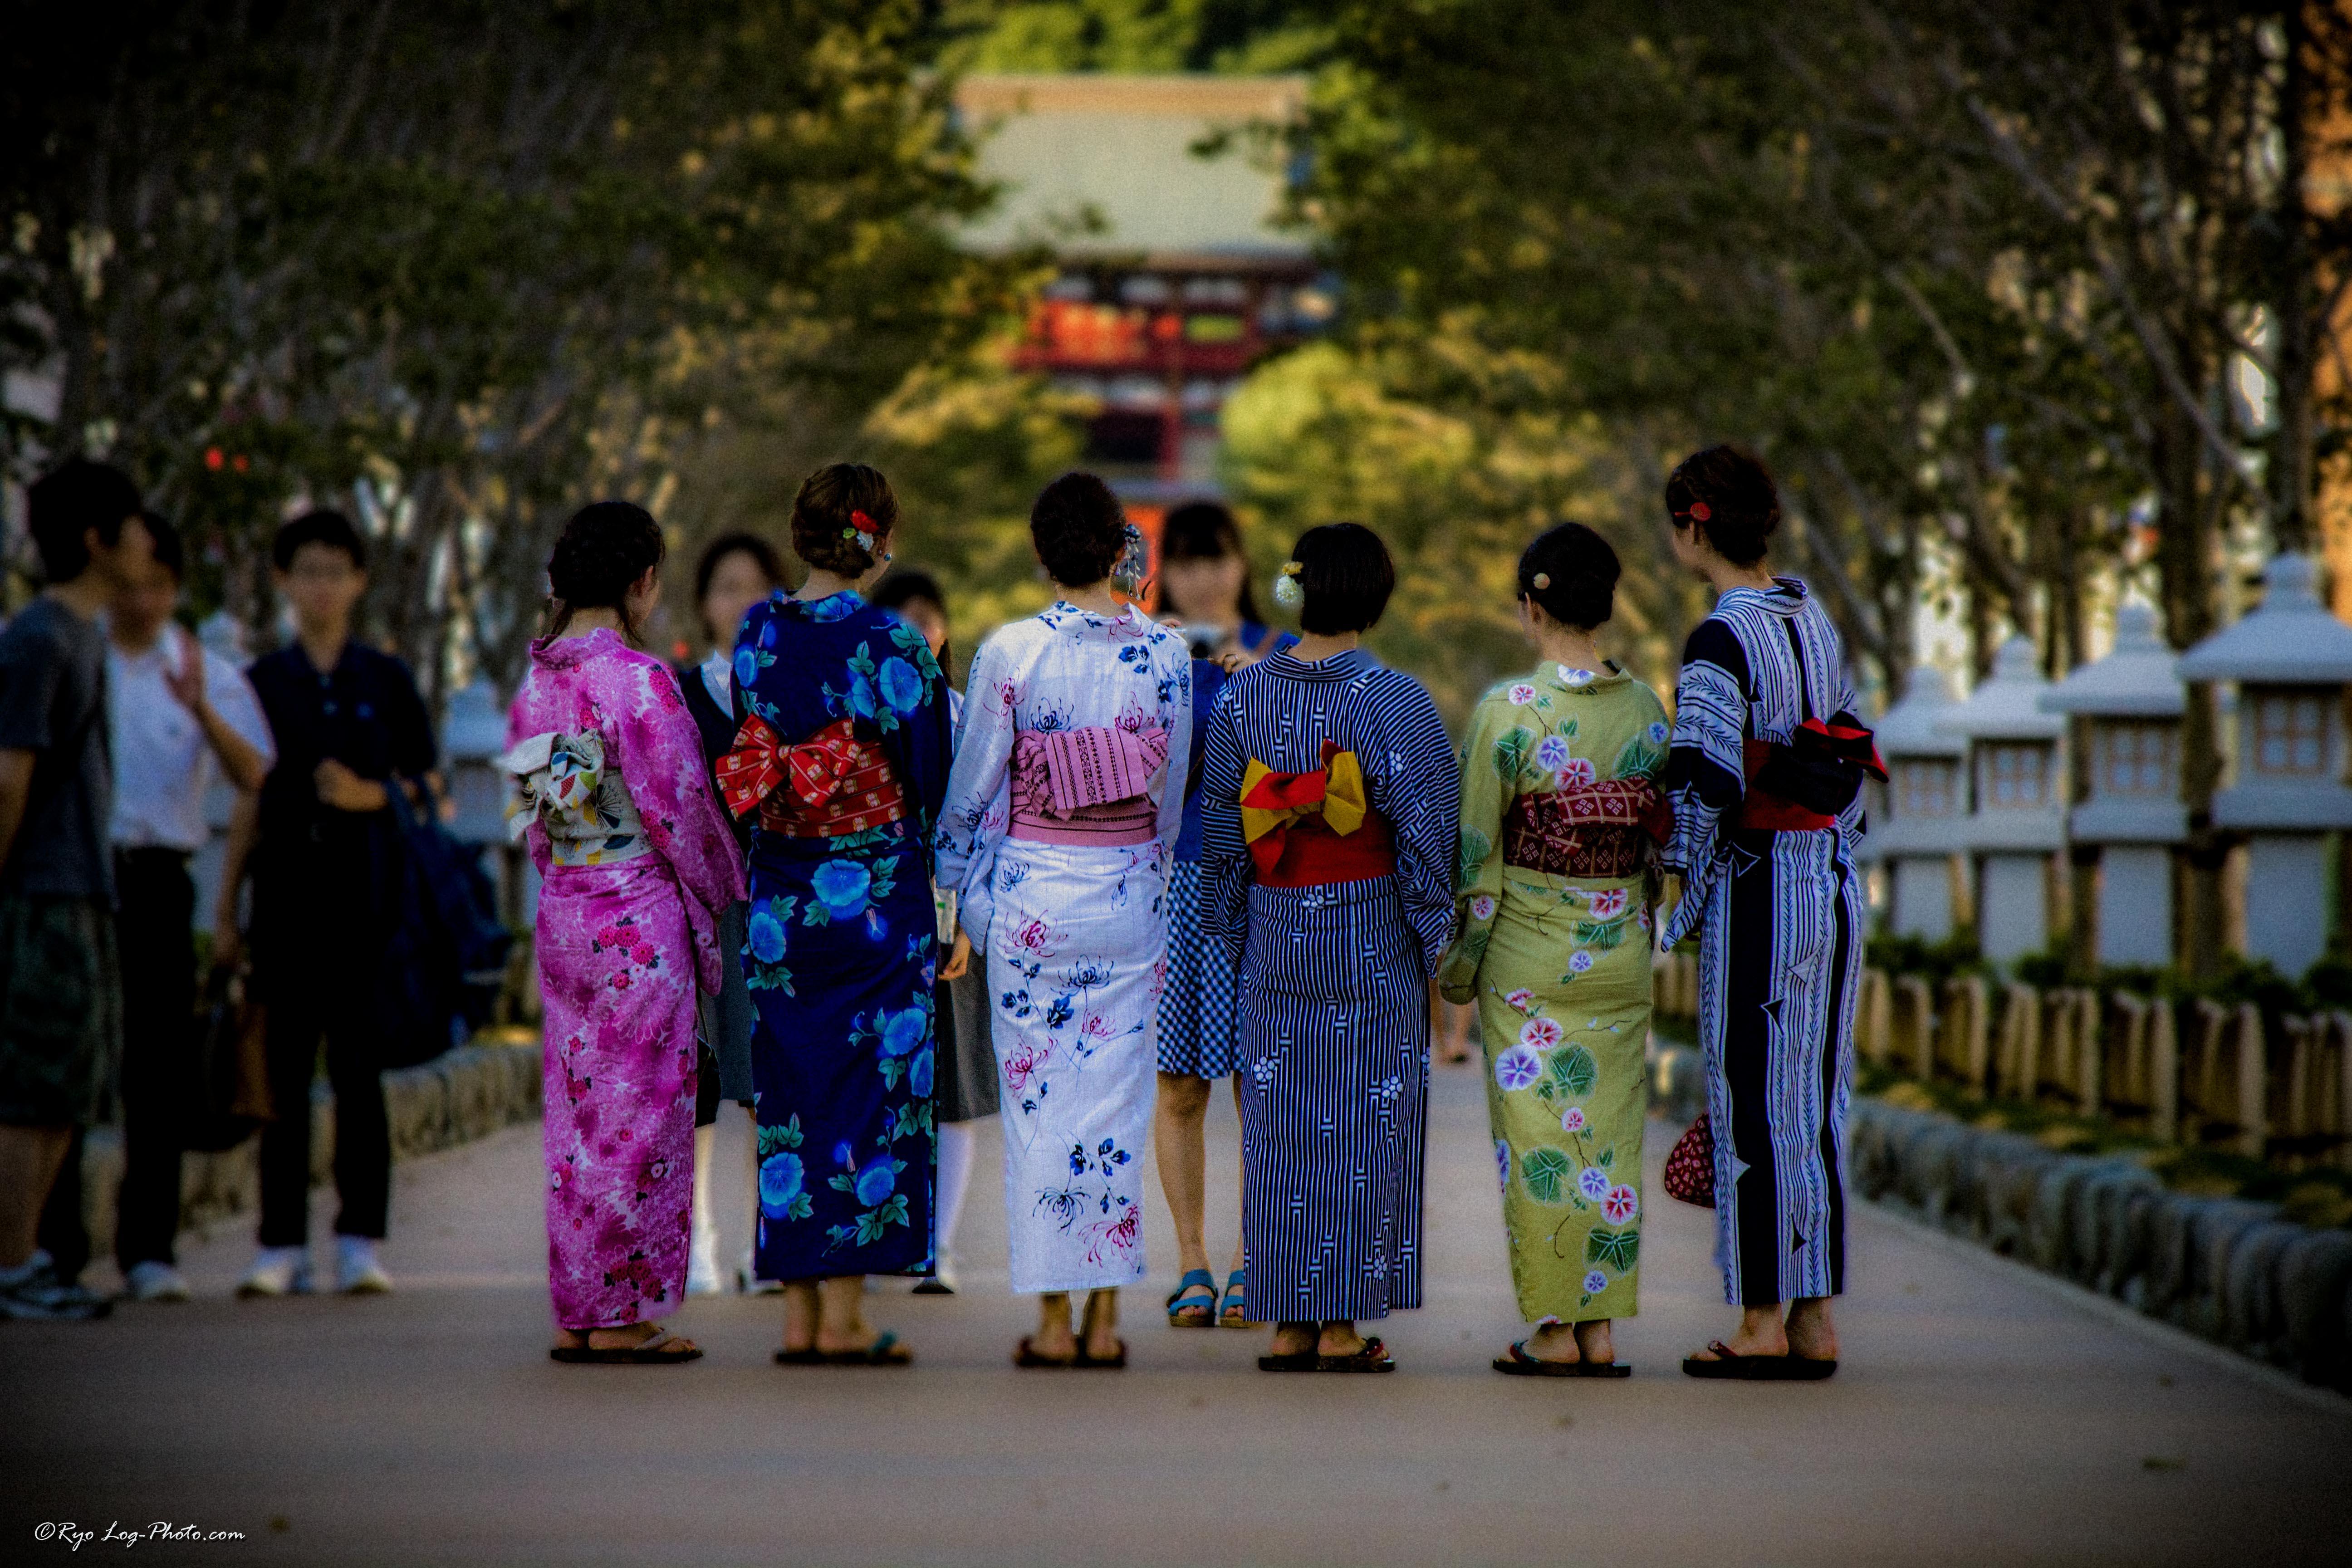 和装して鎌倉の街を歩けが気分も高まりそうです